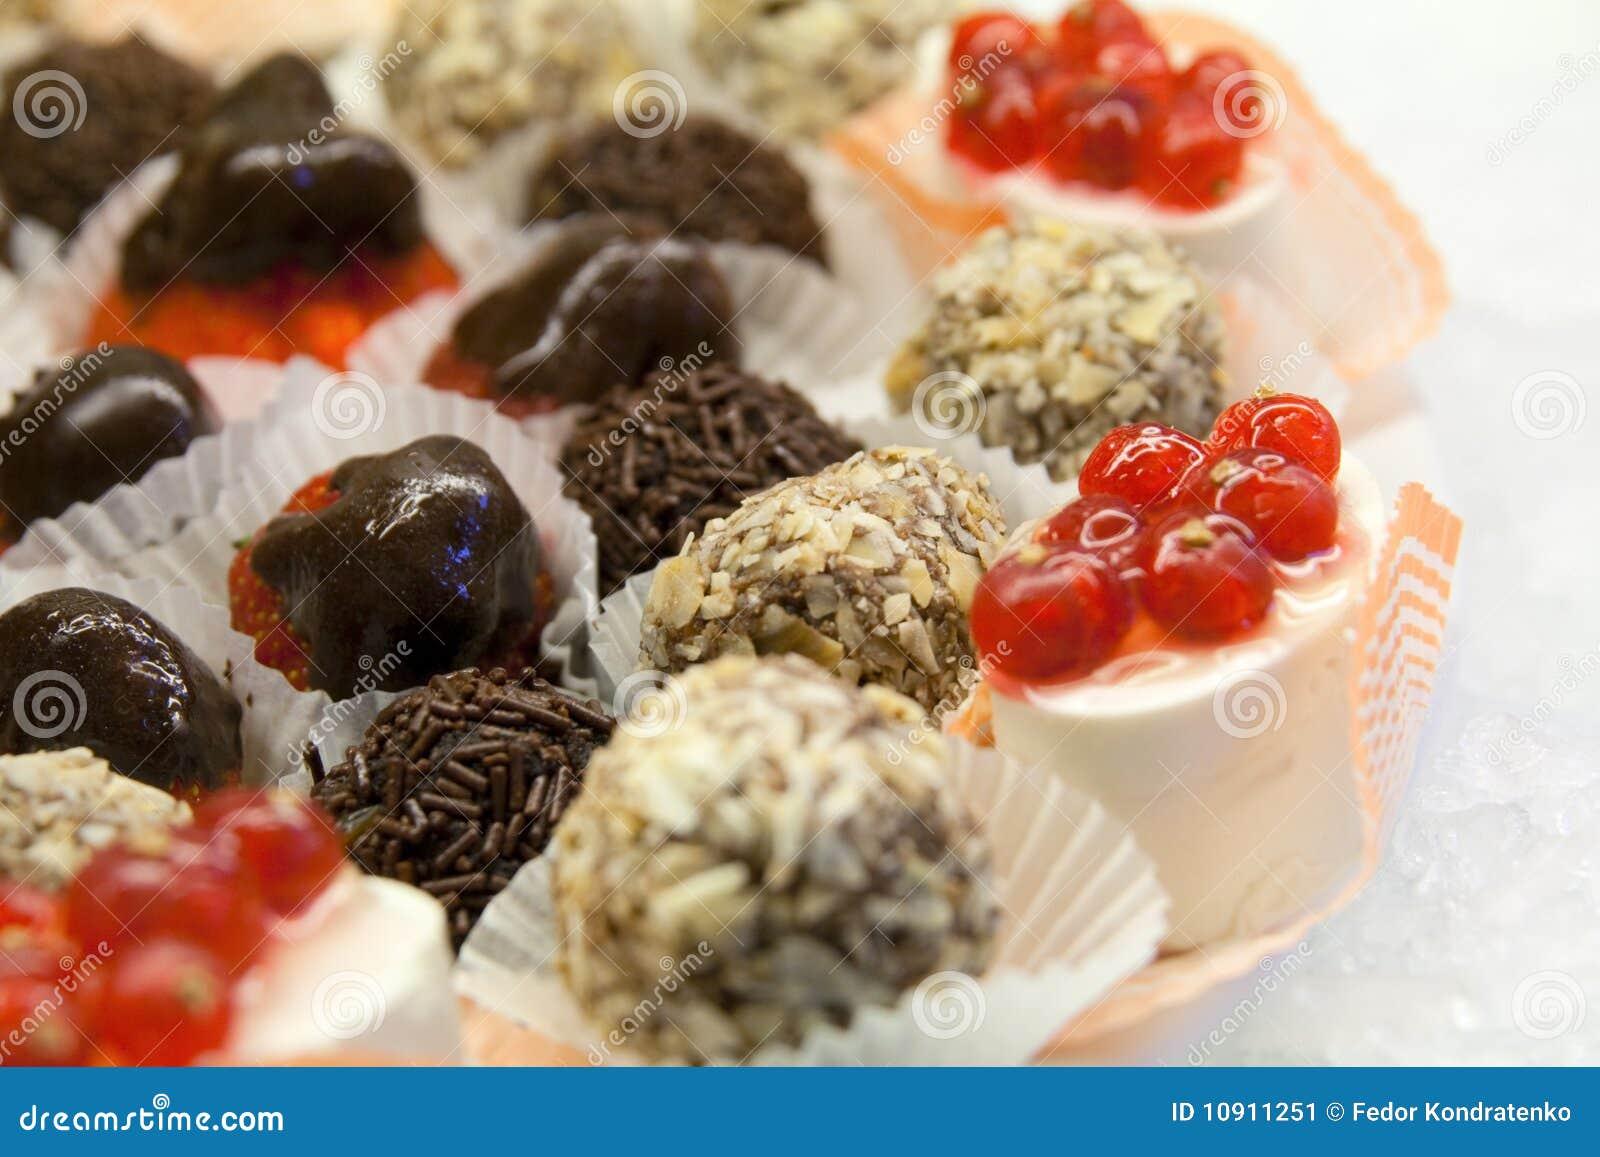 Sweet Desserts On Ice Stock Image - Image: 10911251